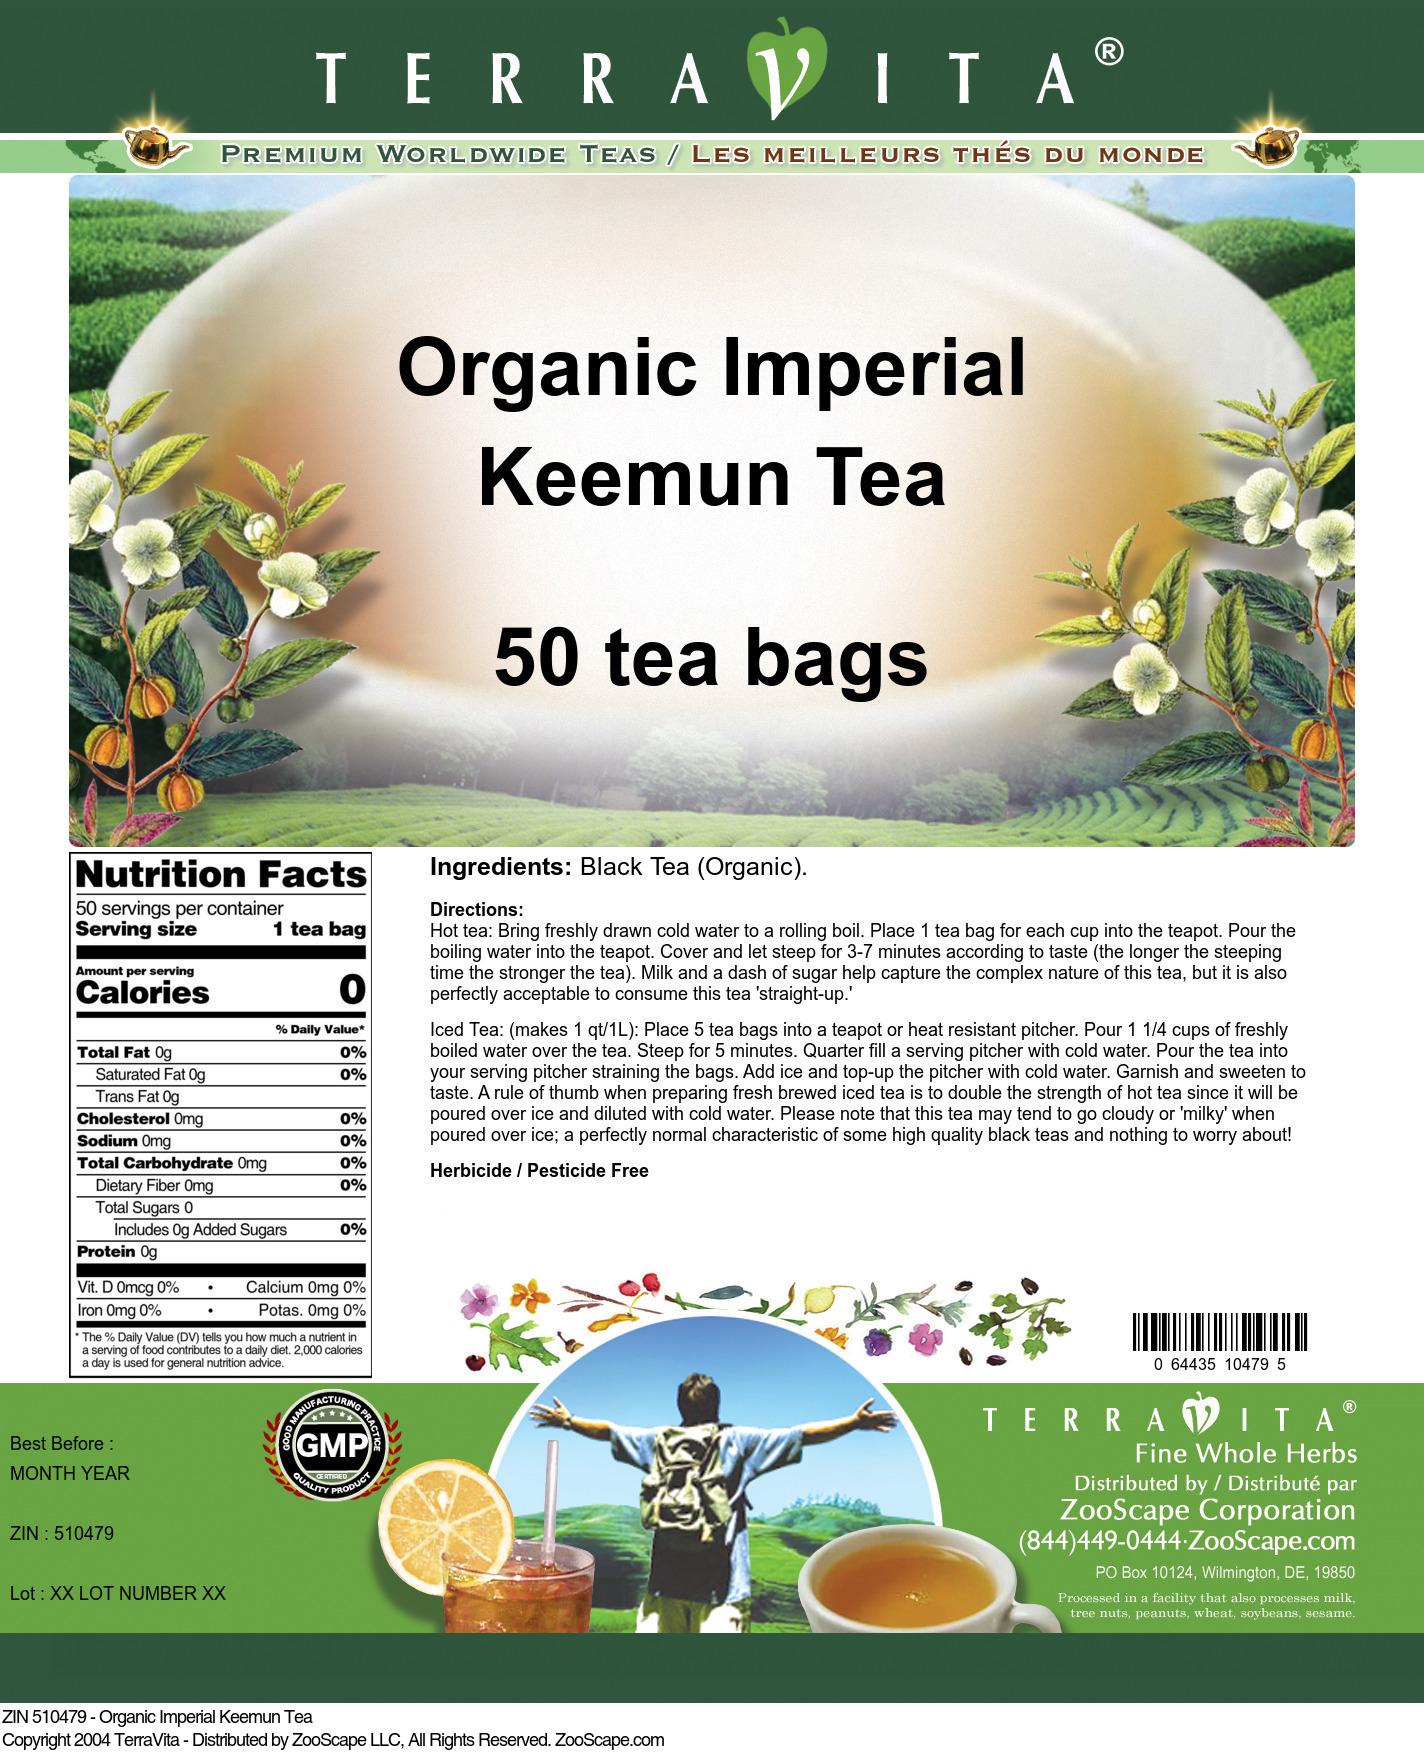 Organic Imperial Keemun